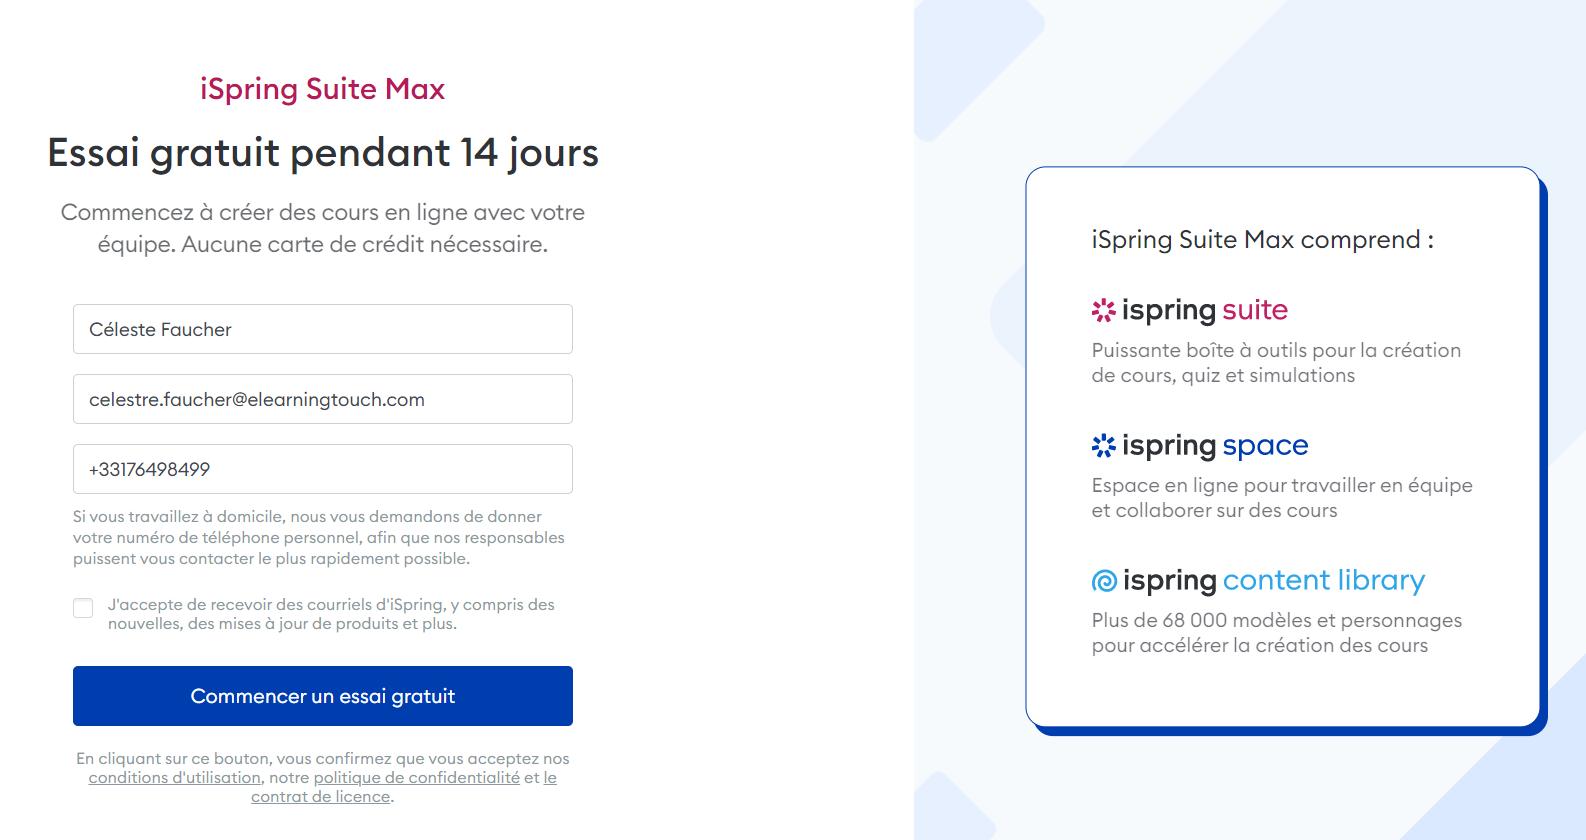 ispring_suite_max_formulaire_essai